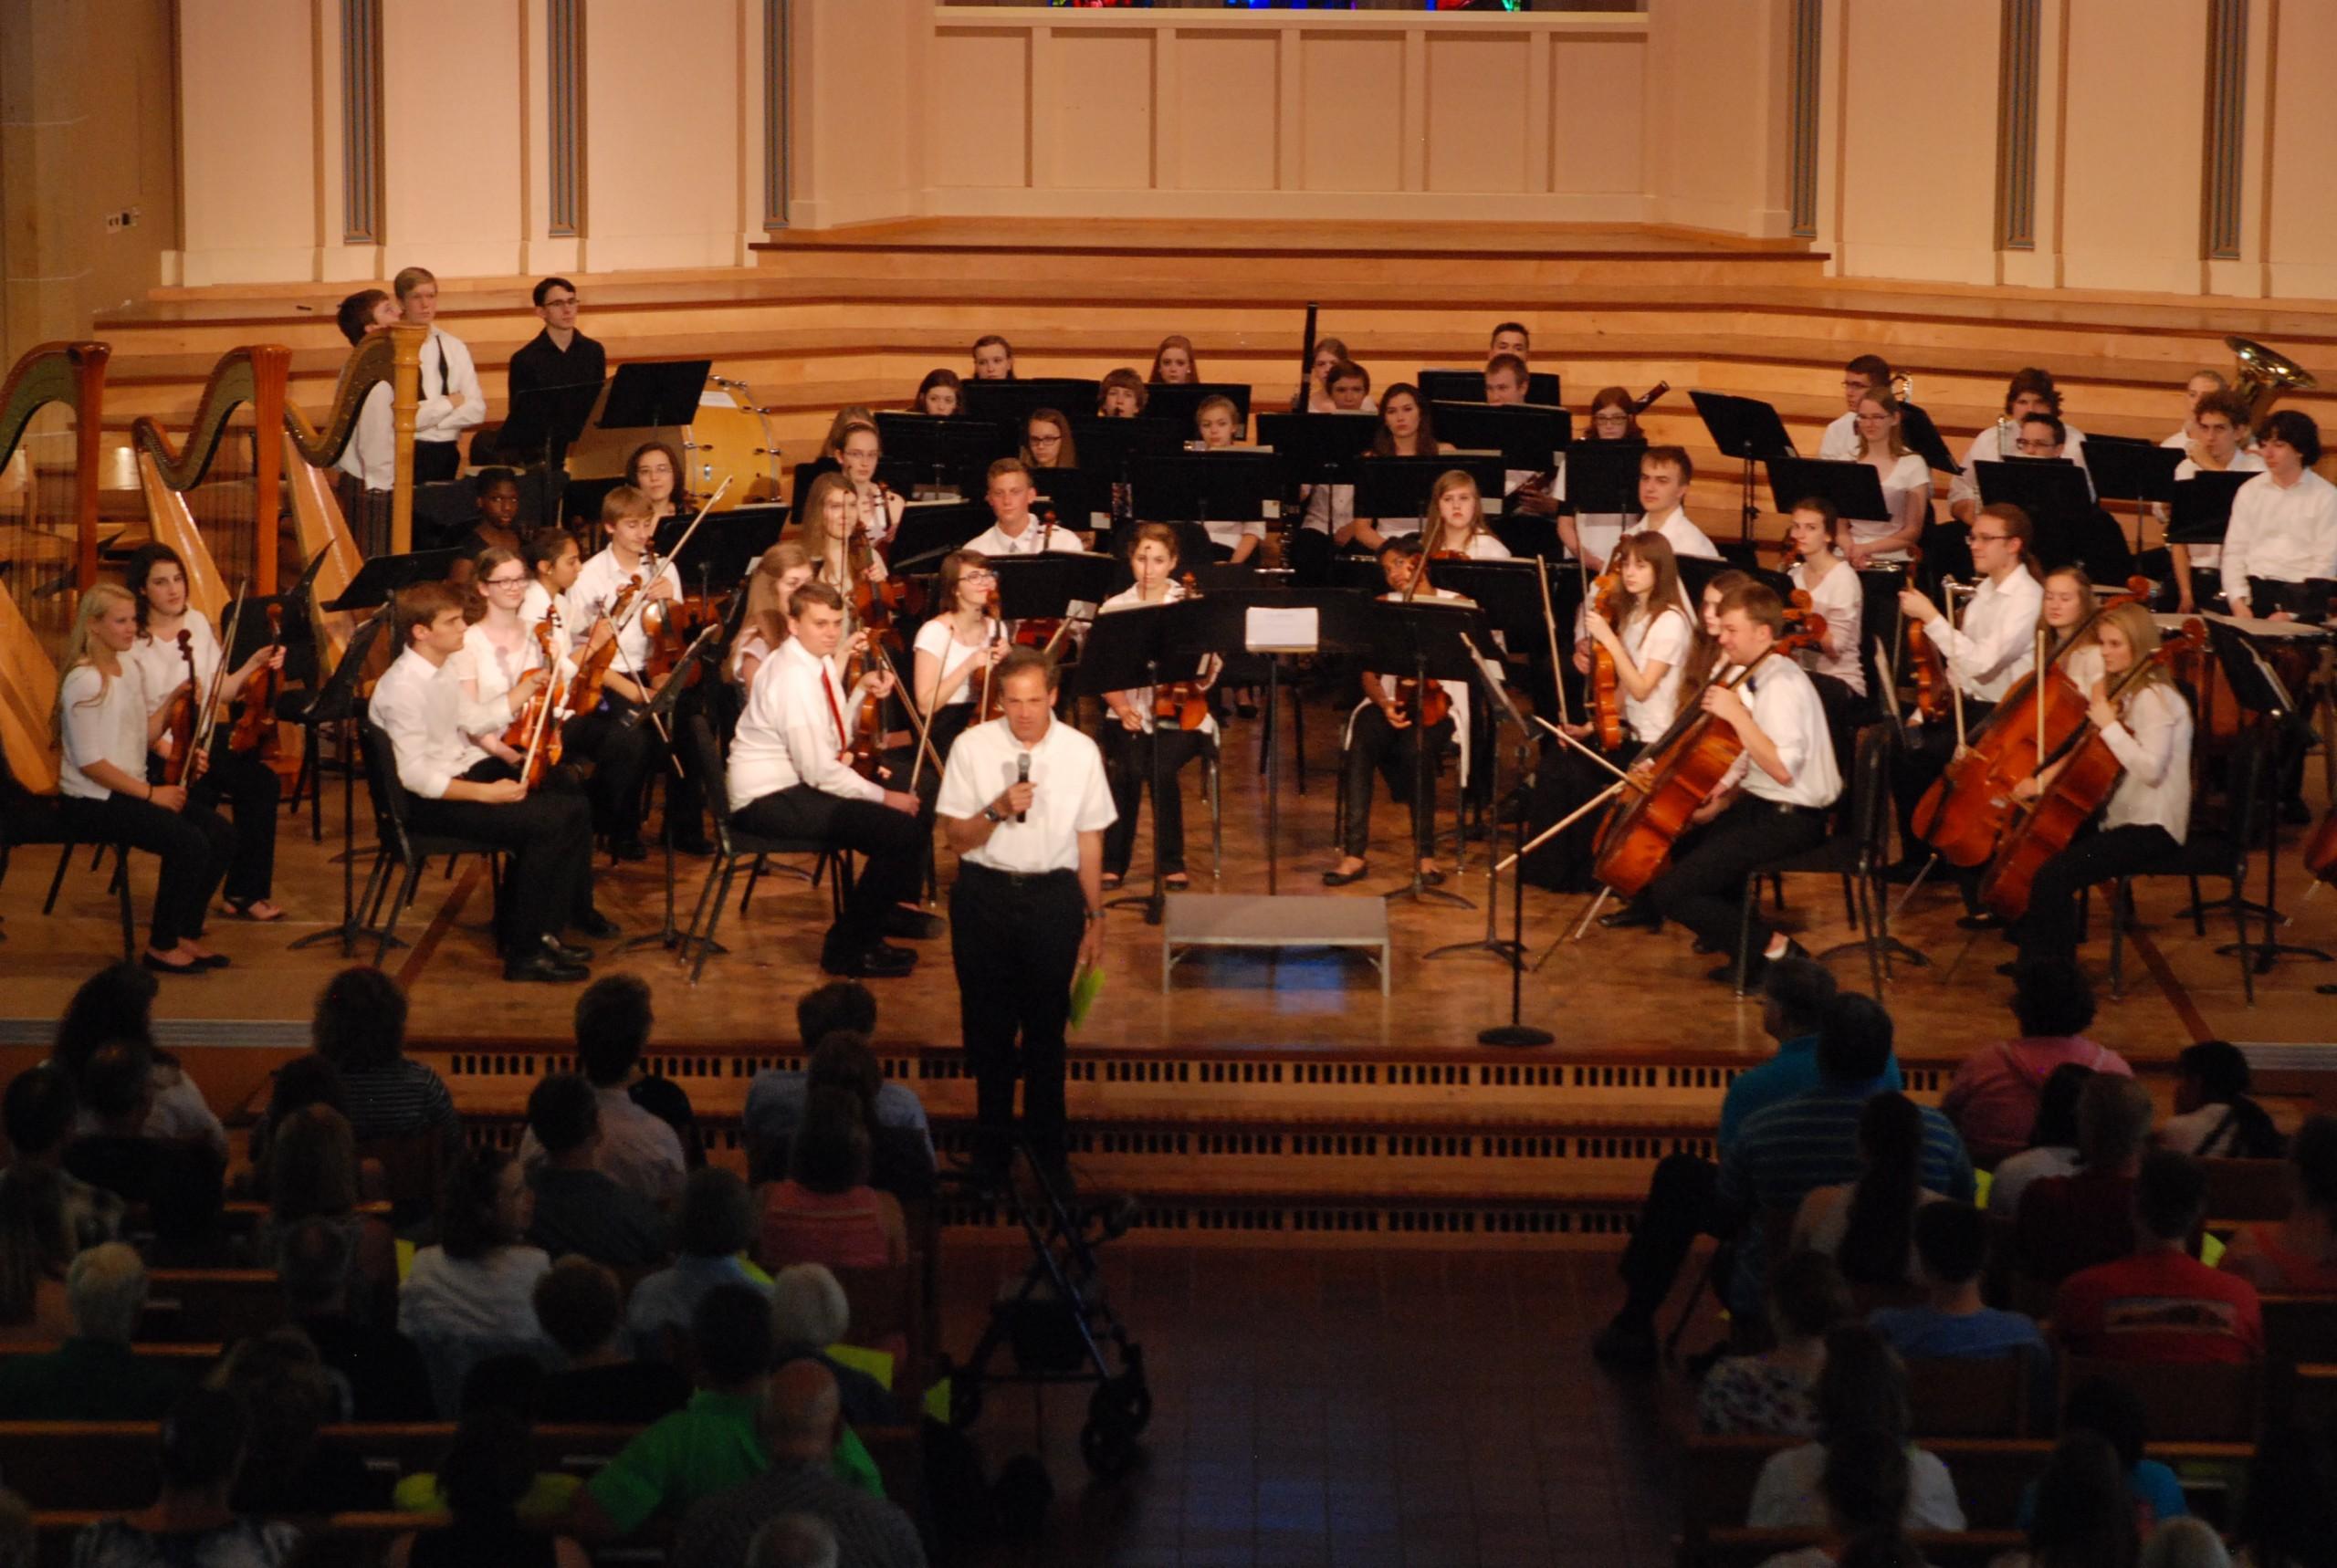 musicorchestra